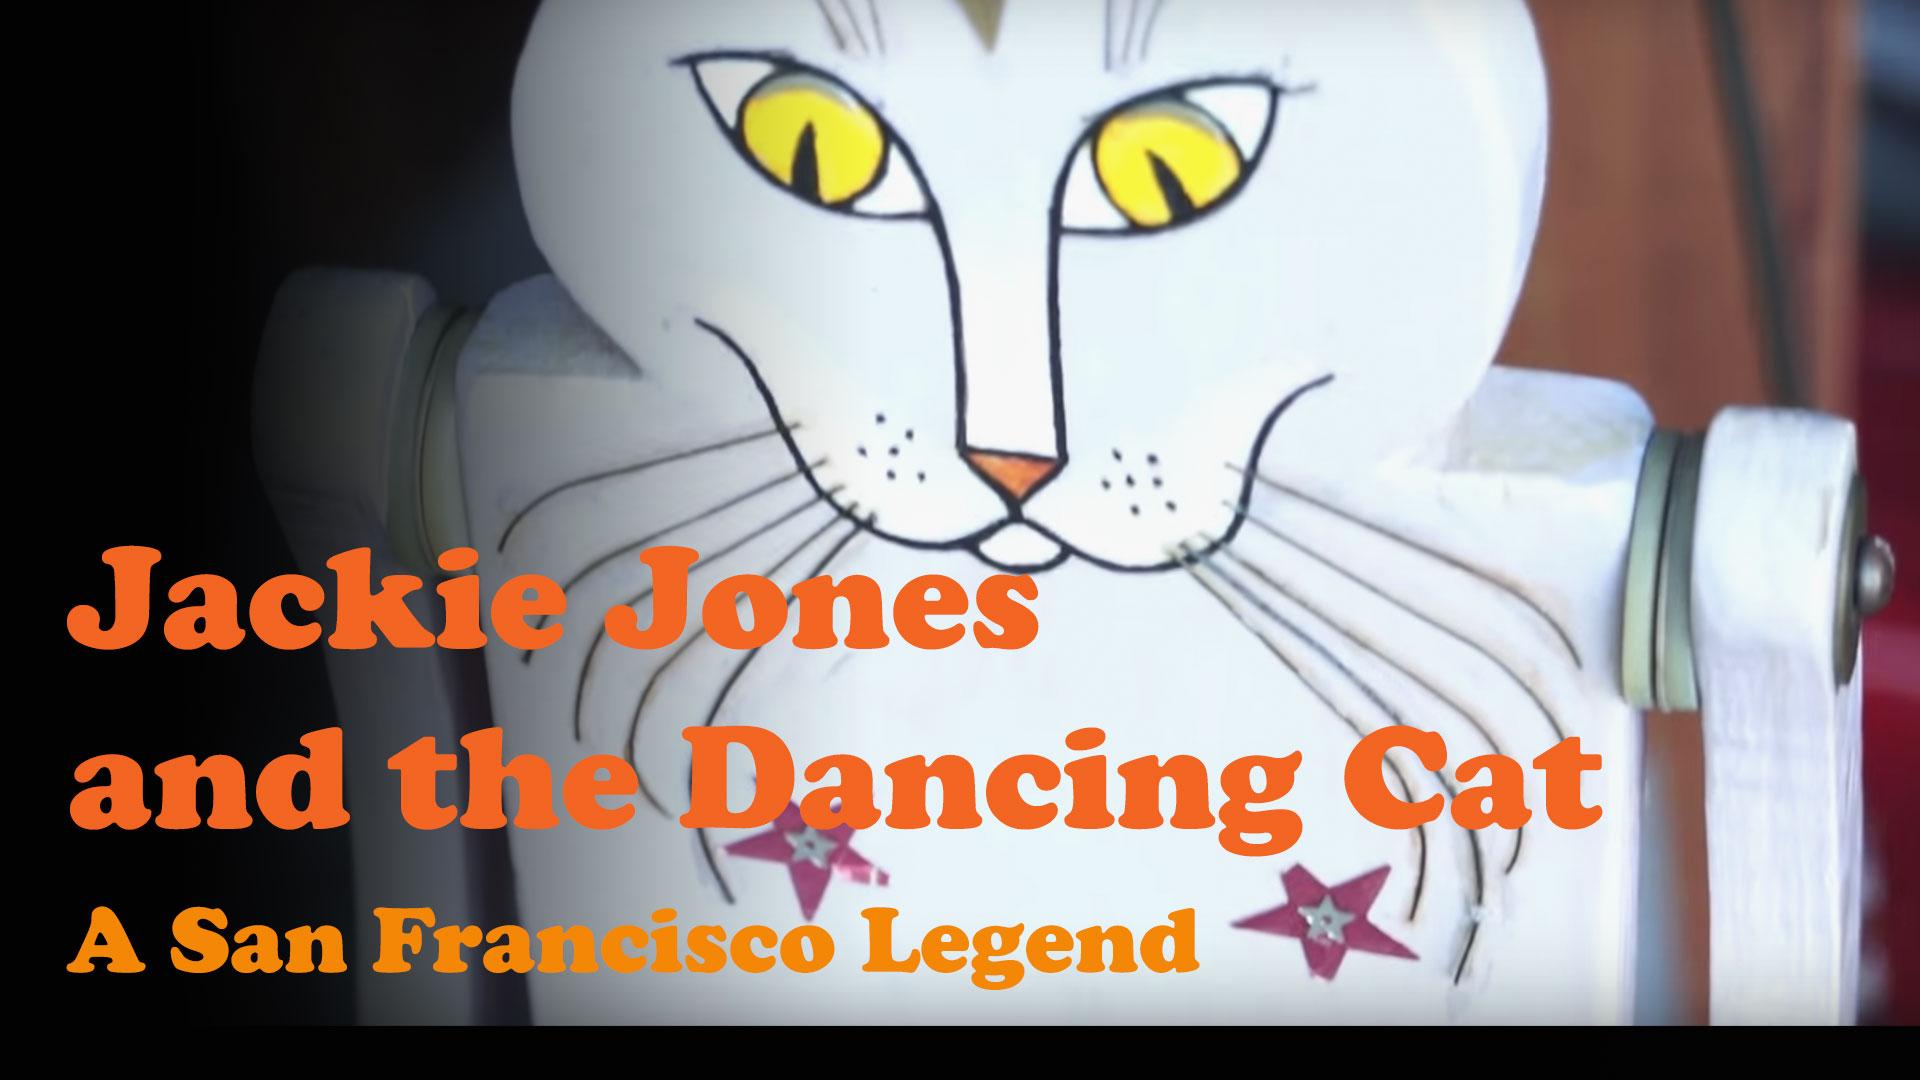 Jackie Jones and the Dancing Cat